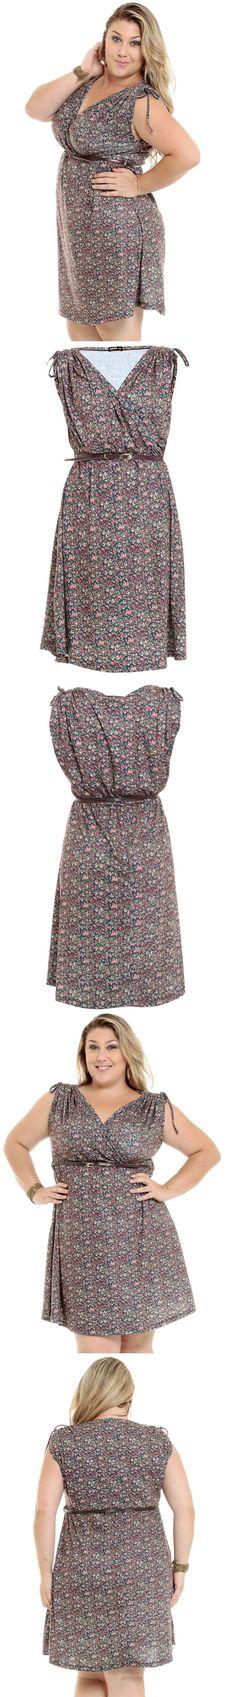 Vestido Tamanho Especial estampado confeccionado em tecido flamê com manga curta, decote V, faixa na cintura para amarração